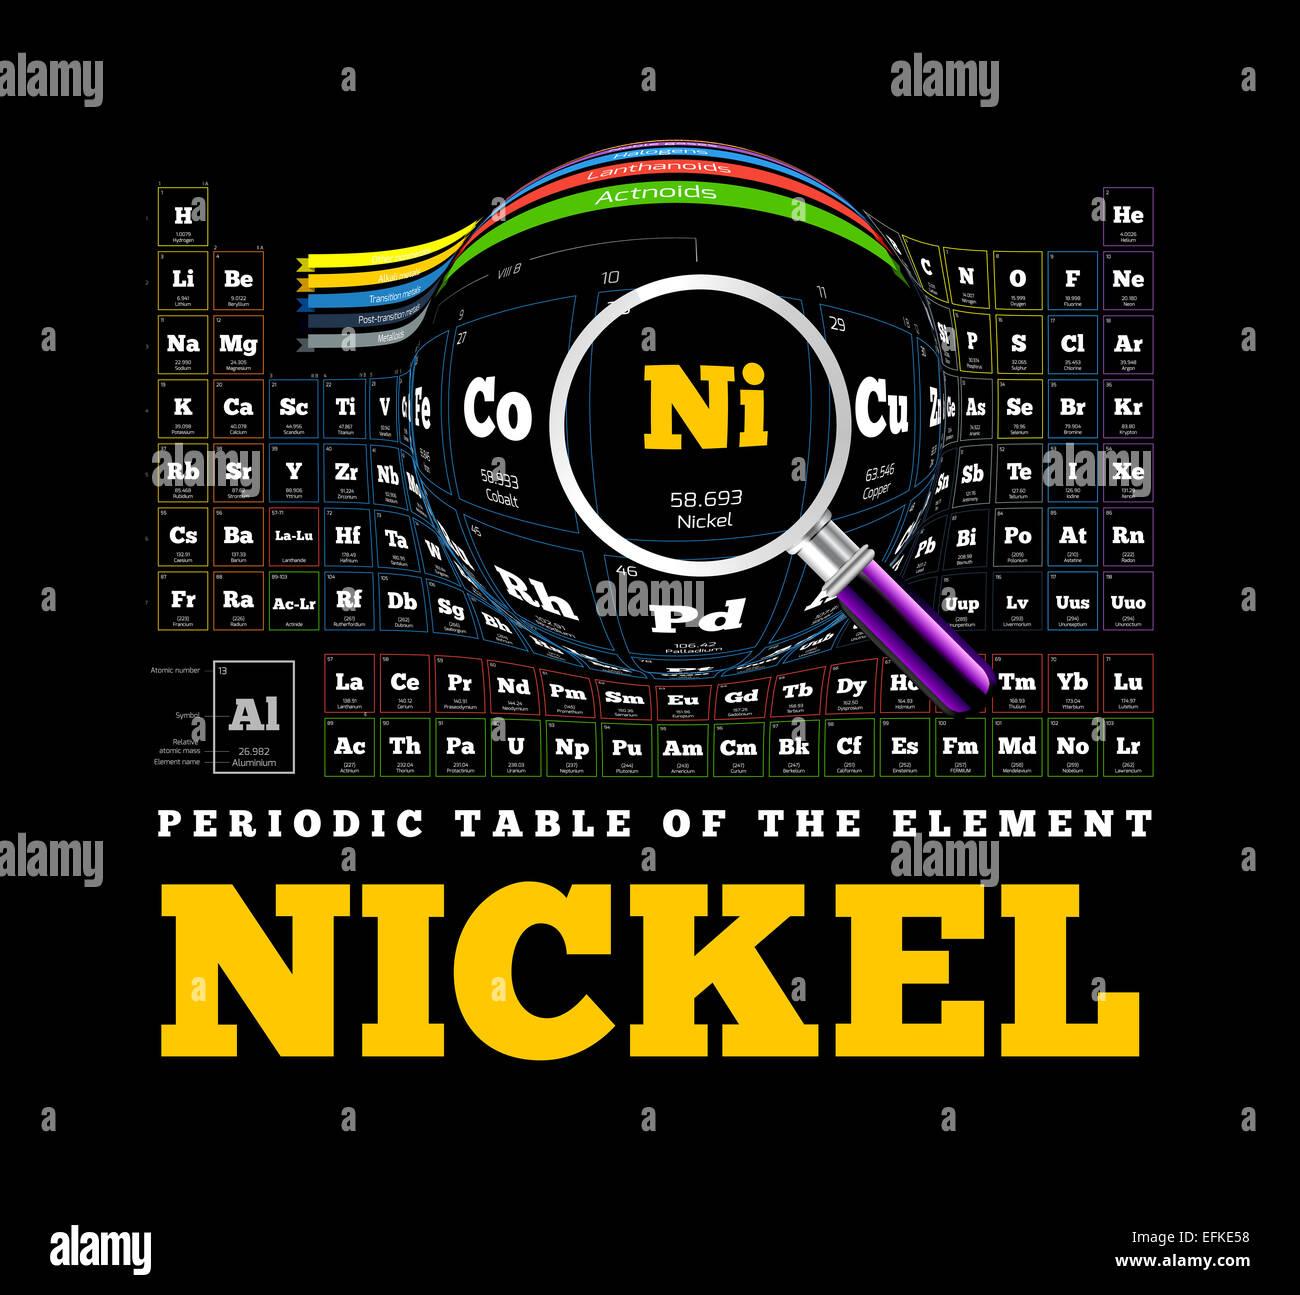 Tabla peridica de los elementos nquel ni foto imagen de stock tabla peridica de los elementos nquel ni urtaz Images